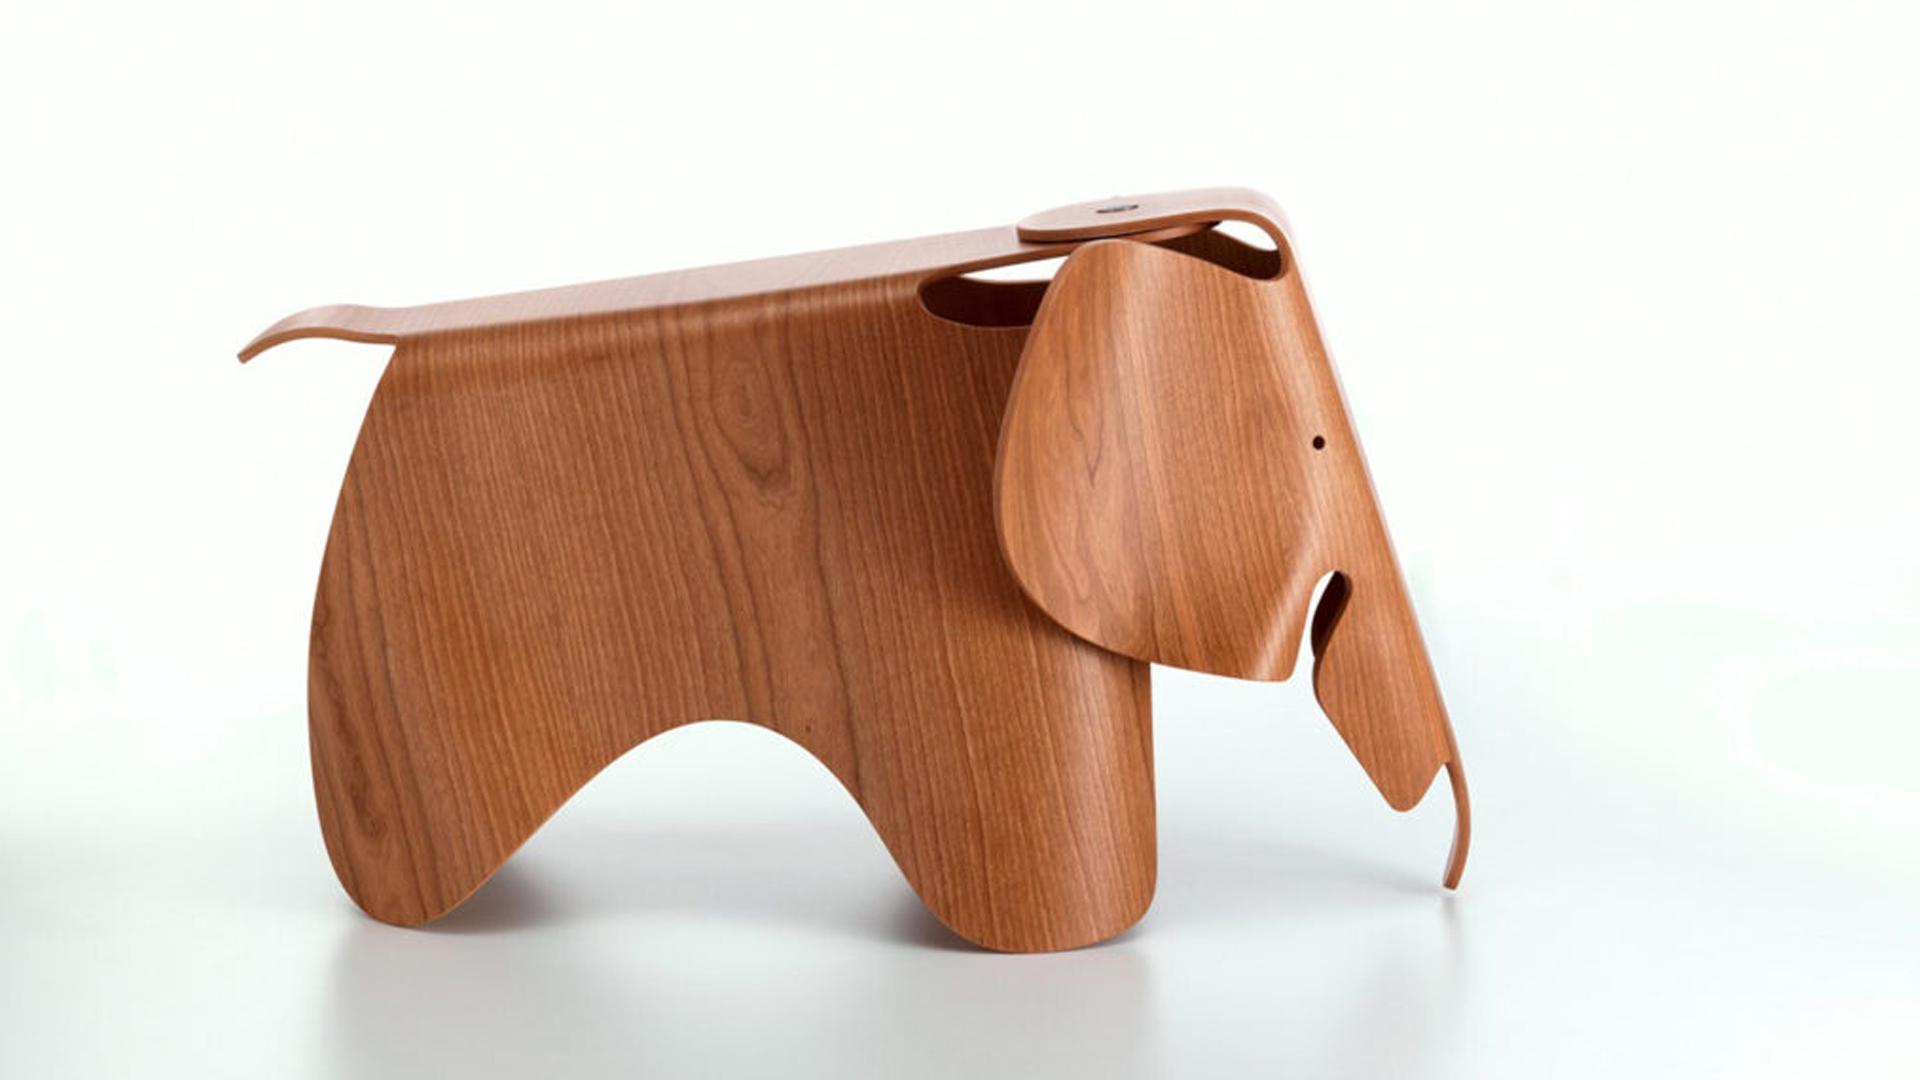 Fotografia dell'elefantino Eames Elephant, progetto di Charles e Ray Eames del 1945 in legno curvato.